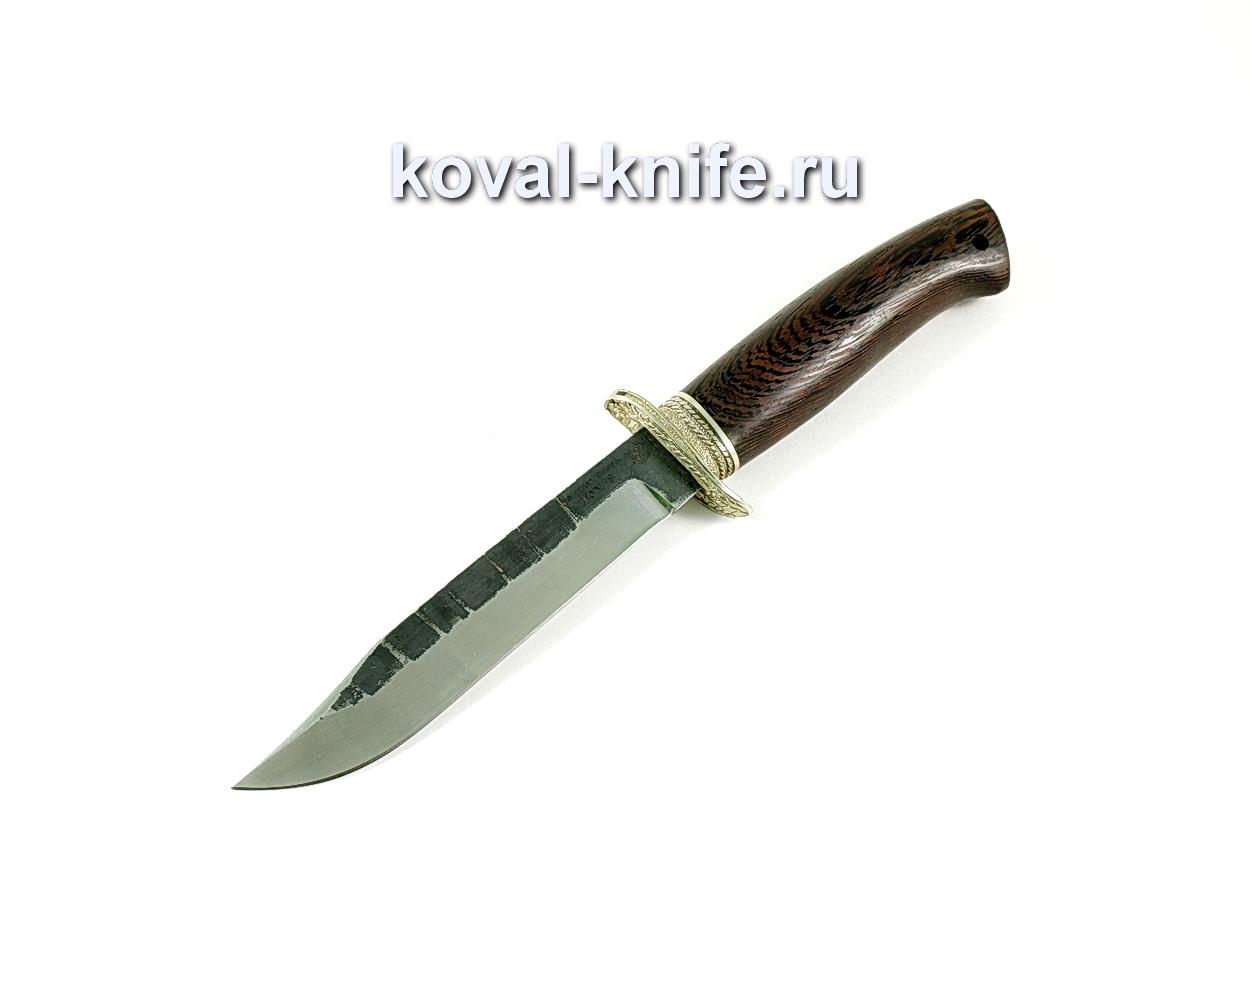 Нож Штрафбат (сталь 110х18) рукоять венге, литье A216